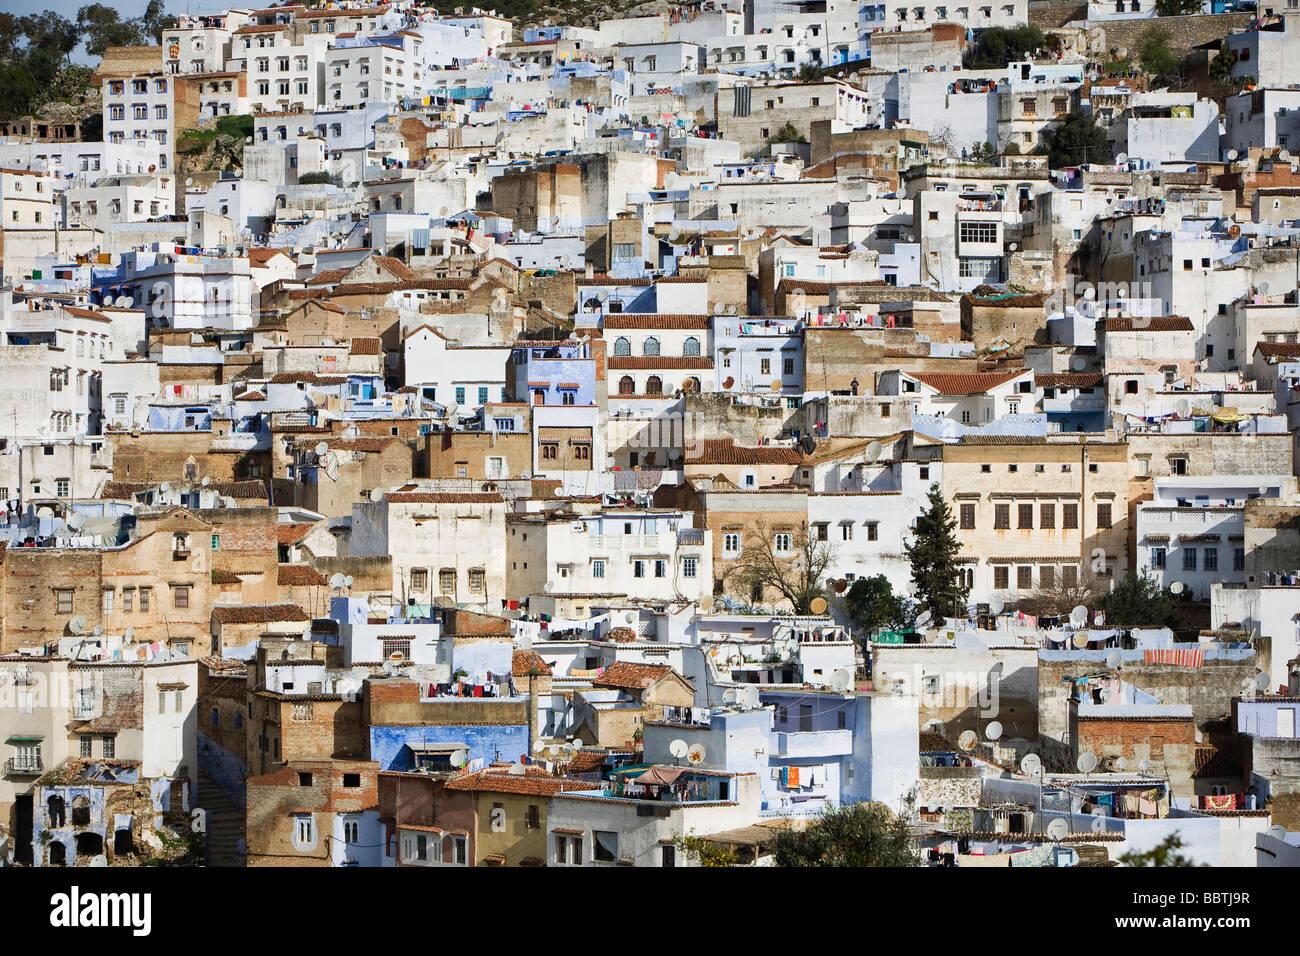 Avis de Chefchaouen, Maroc, Afrique du Nord Photo Stock